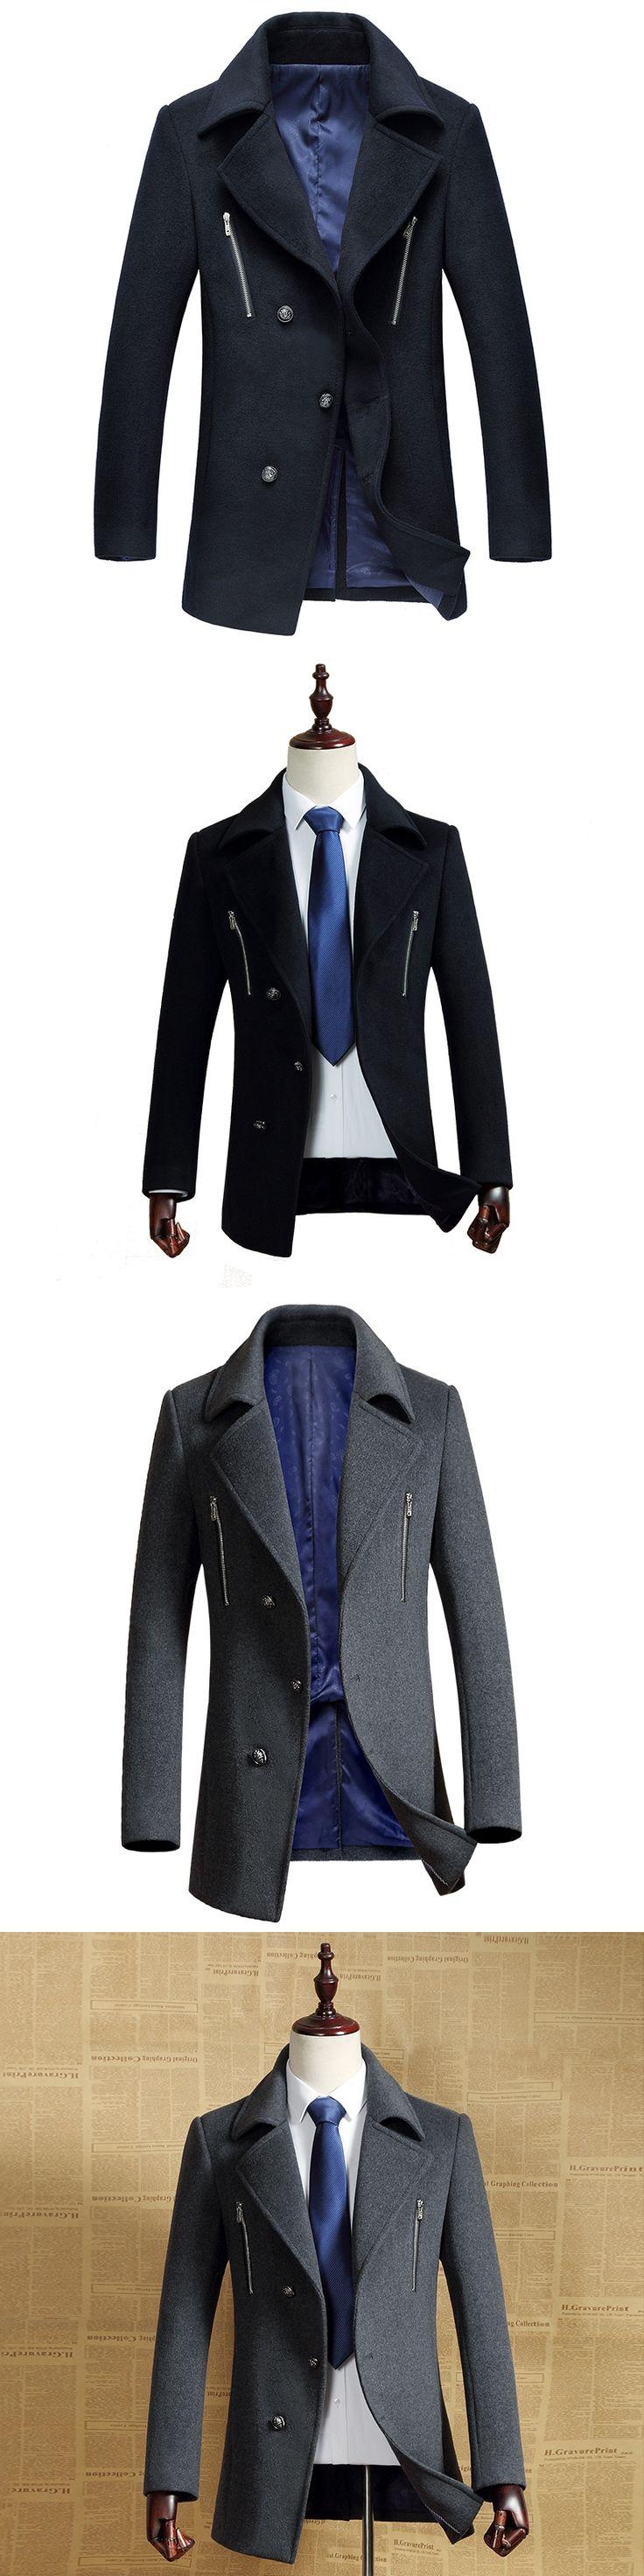 2016 new winter wool trench coat Men Men's Outerwear Casual Coat Men's Jacket Windbreaker size M-3XL,navy blue,gray,black